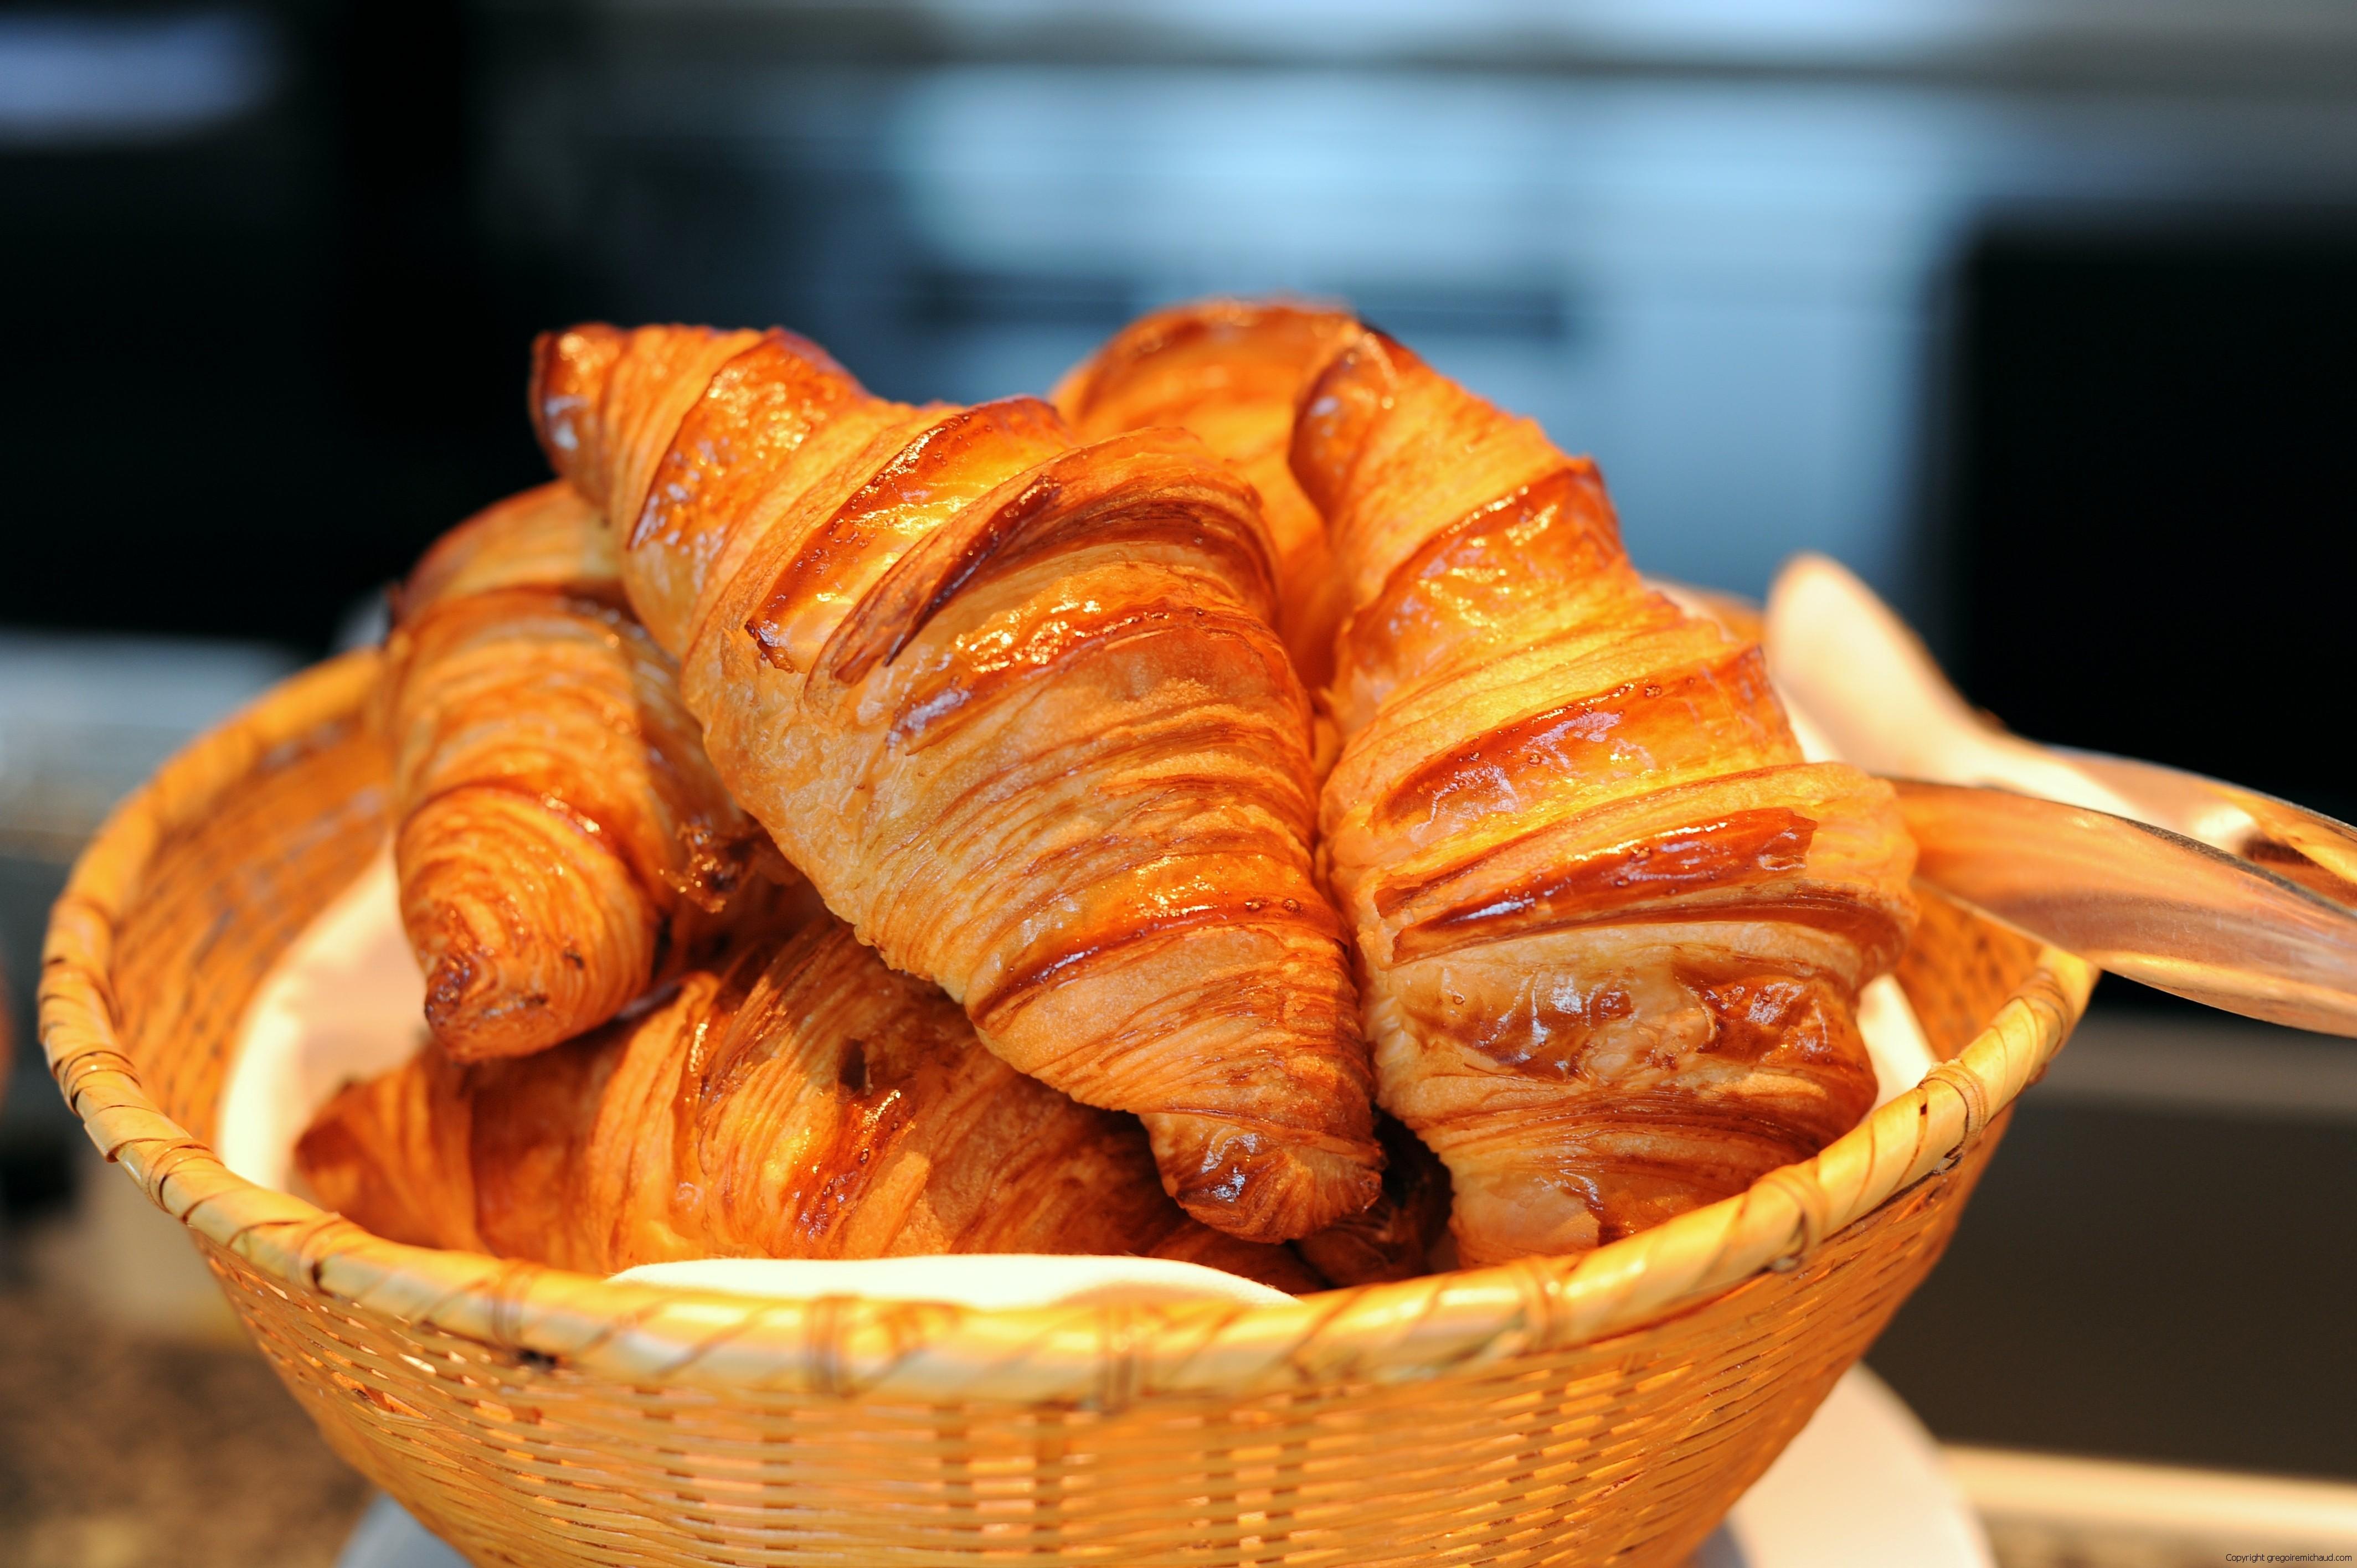 Gastronom a de par s viajar a francia for Gastronomia de paris francia